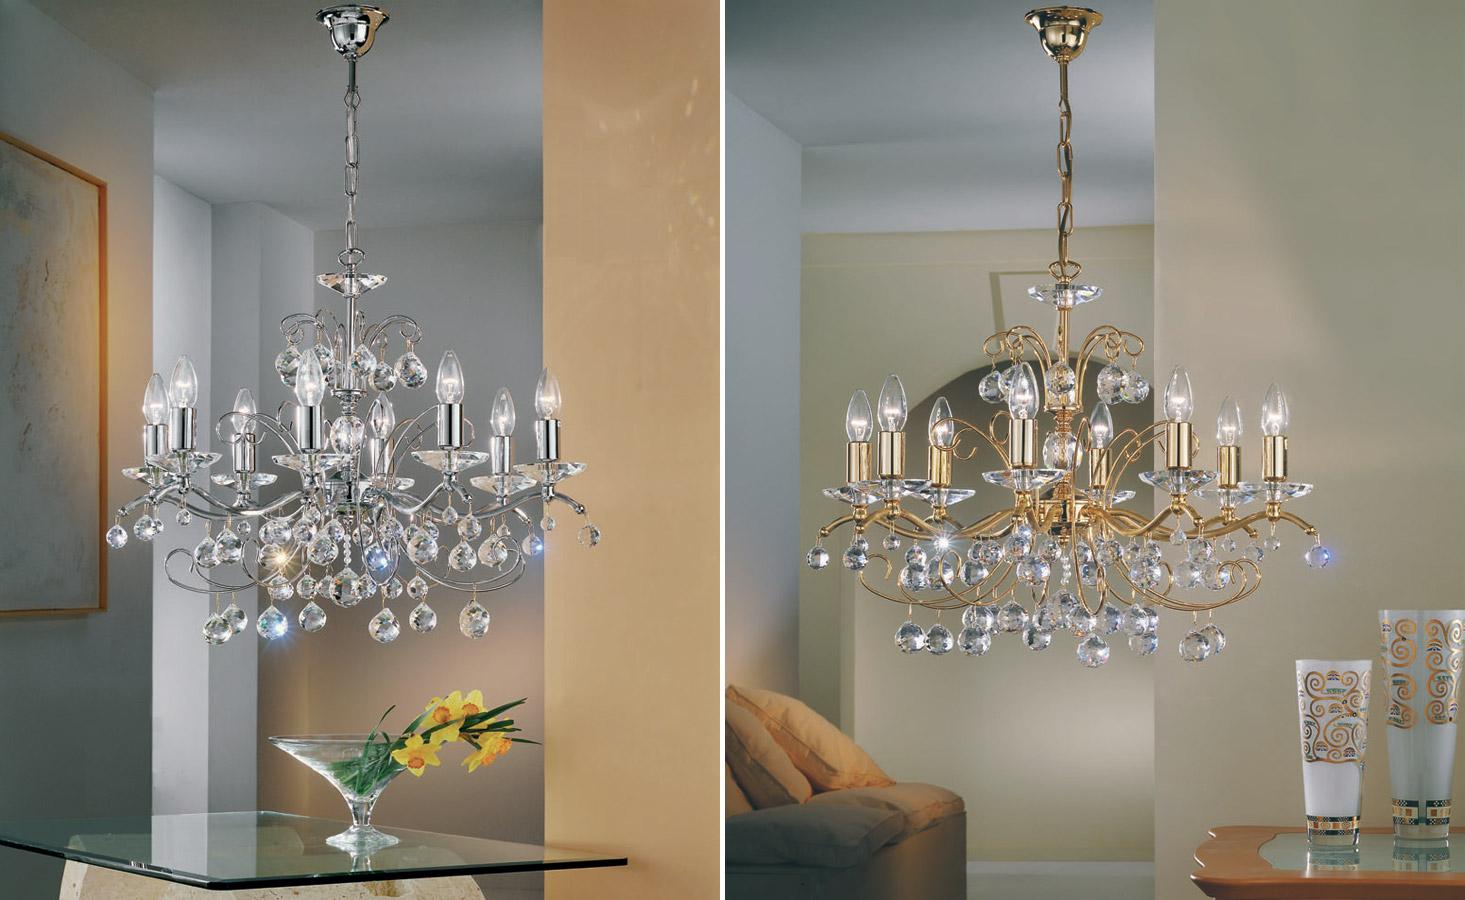 Lustry nejsou jen osvětlením pro obývací pokoje. Hodí se i do kuchyní nebo ložnic.